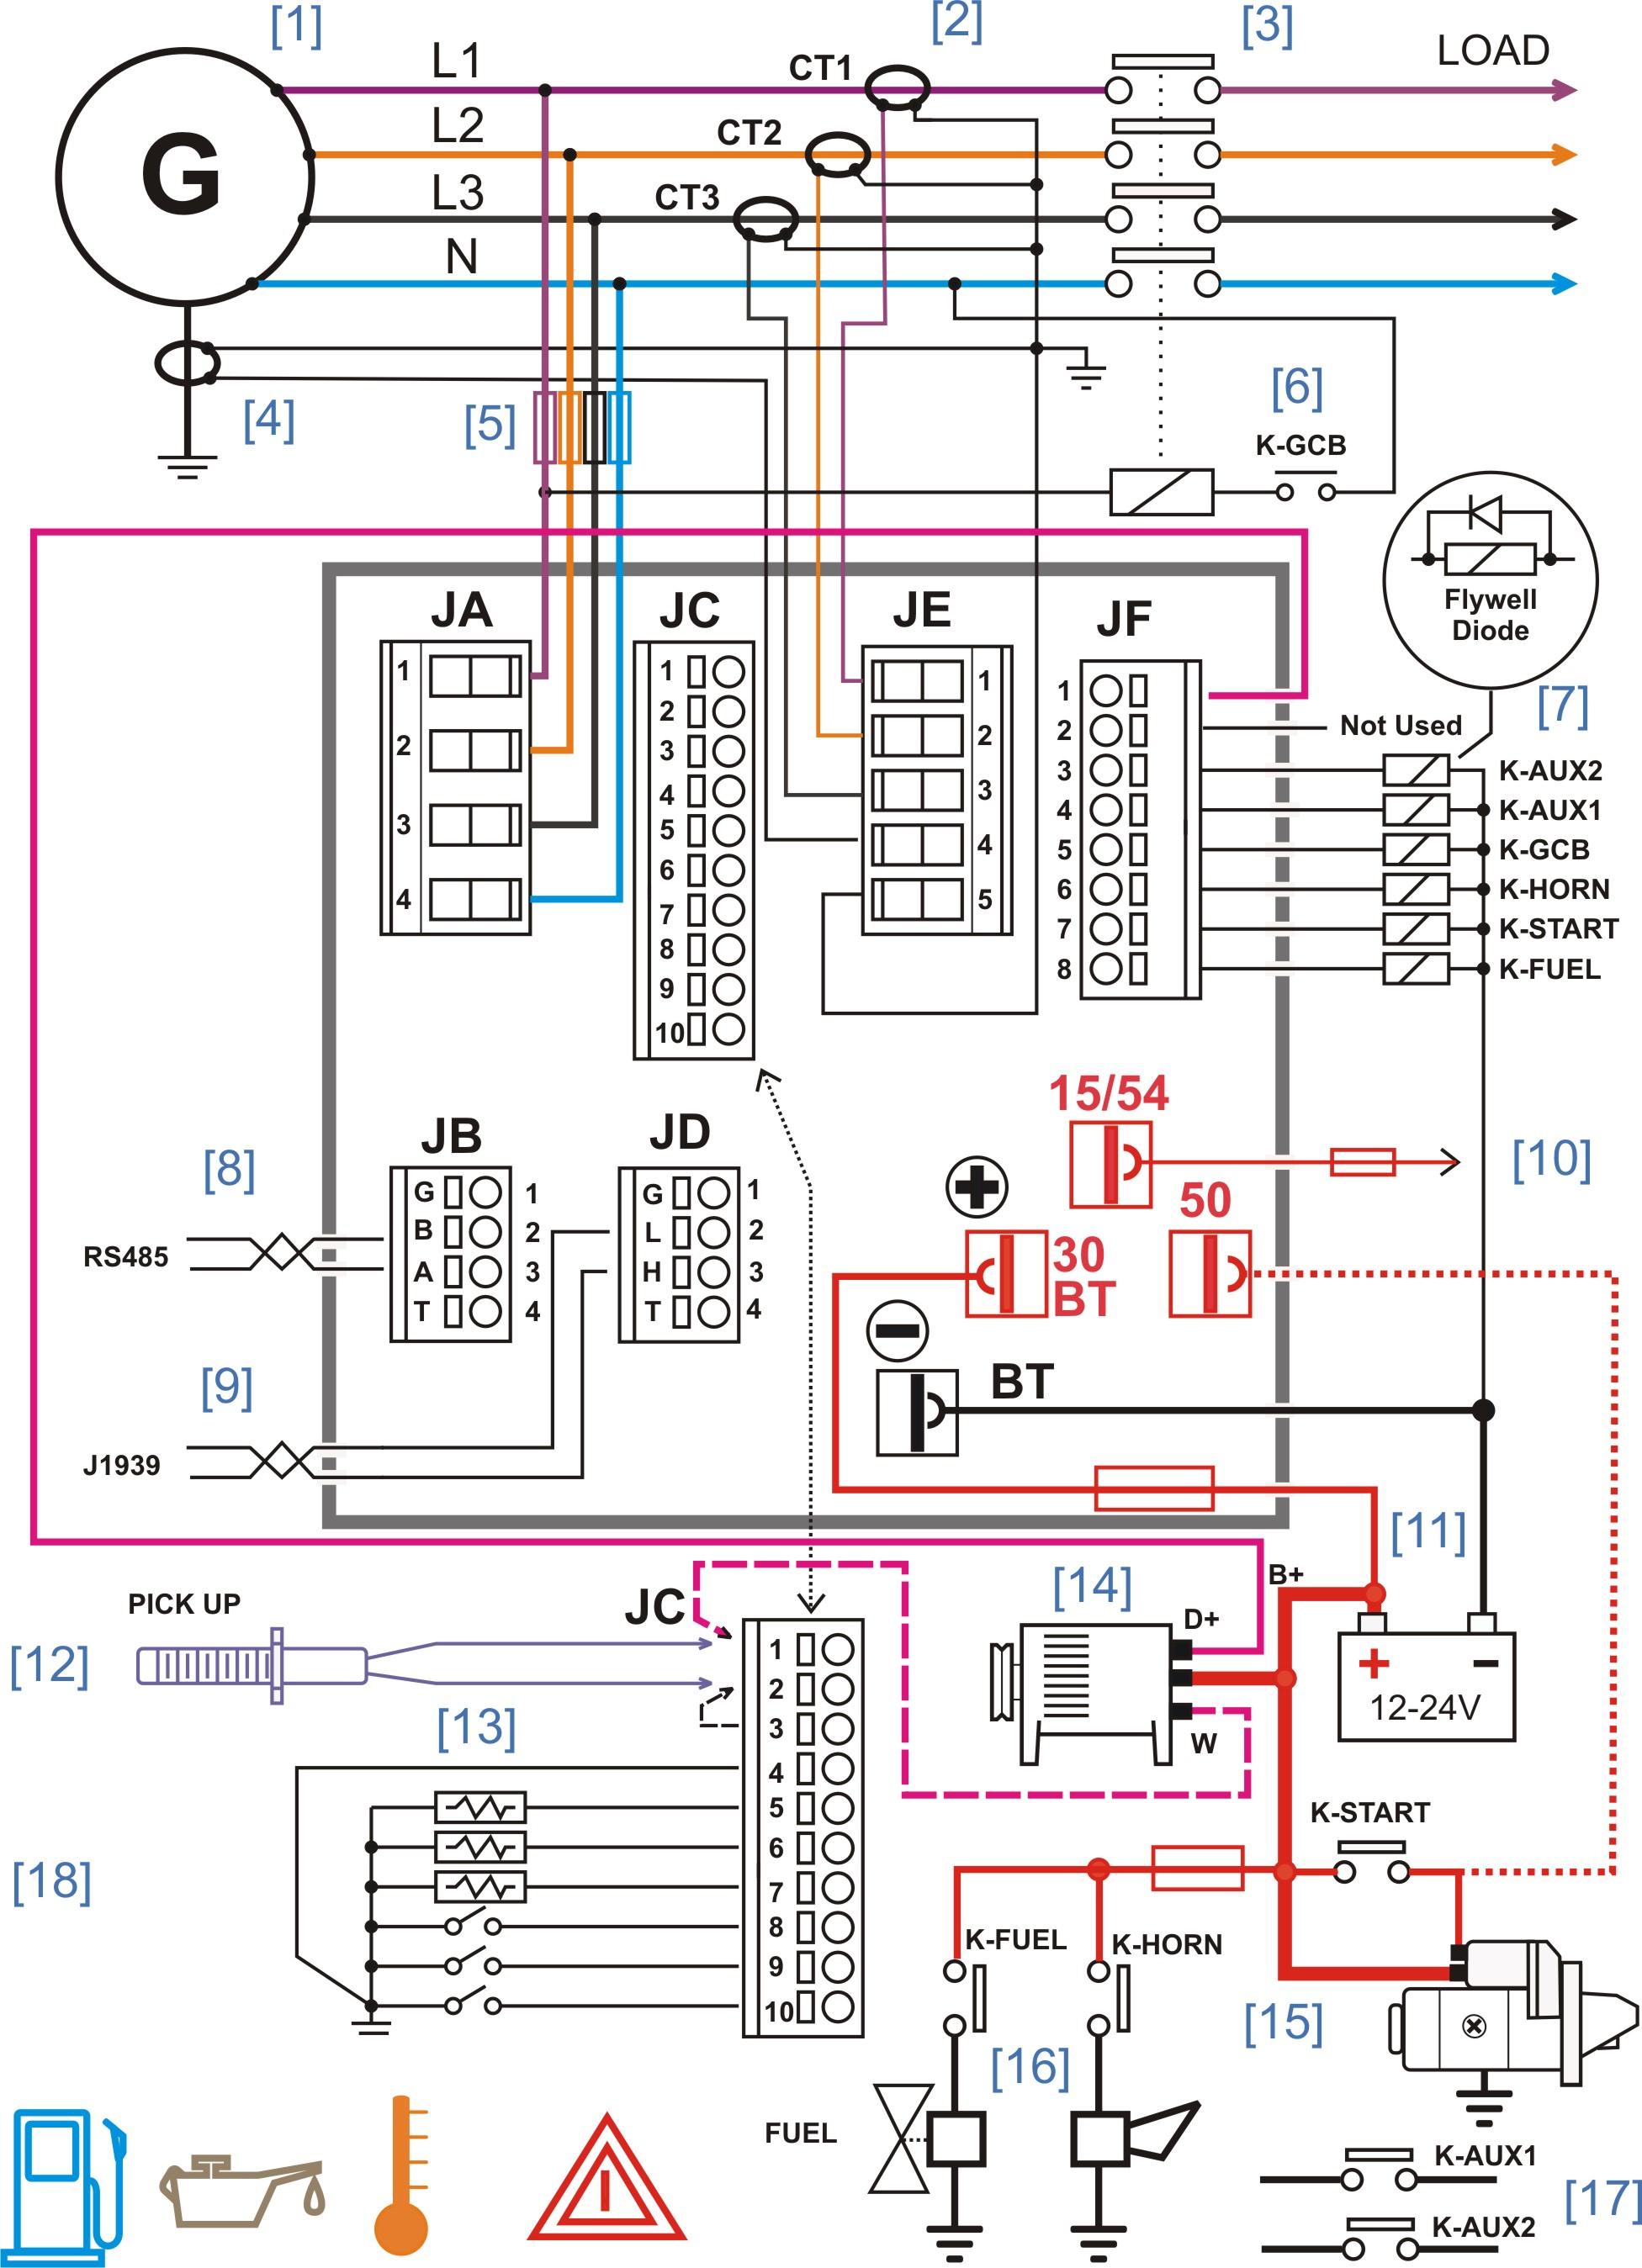 Electrical Panel Wiring Diagram Pdf | Wiring Diagram - Circuit Breaker Panel Wiring Diagram Pdf